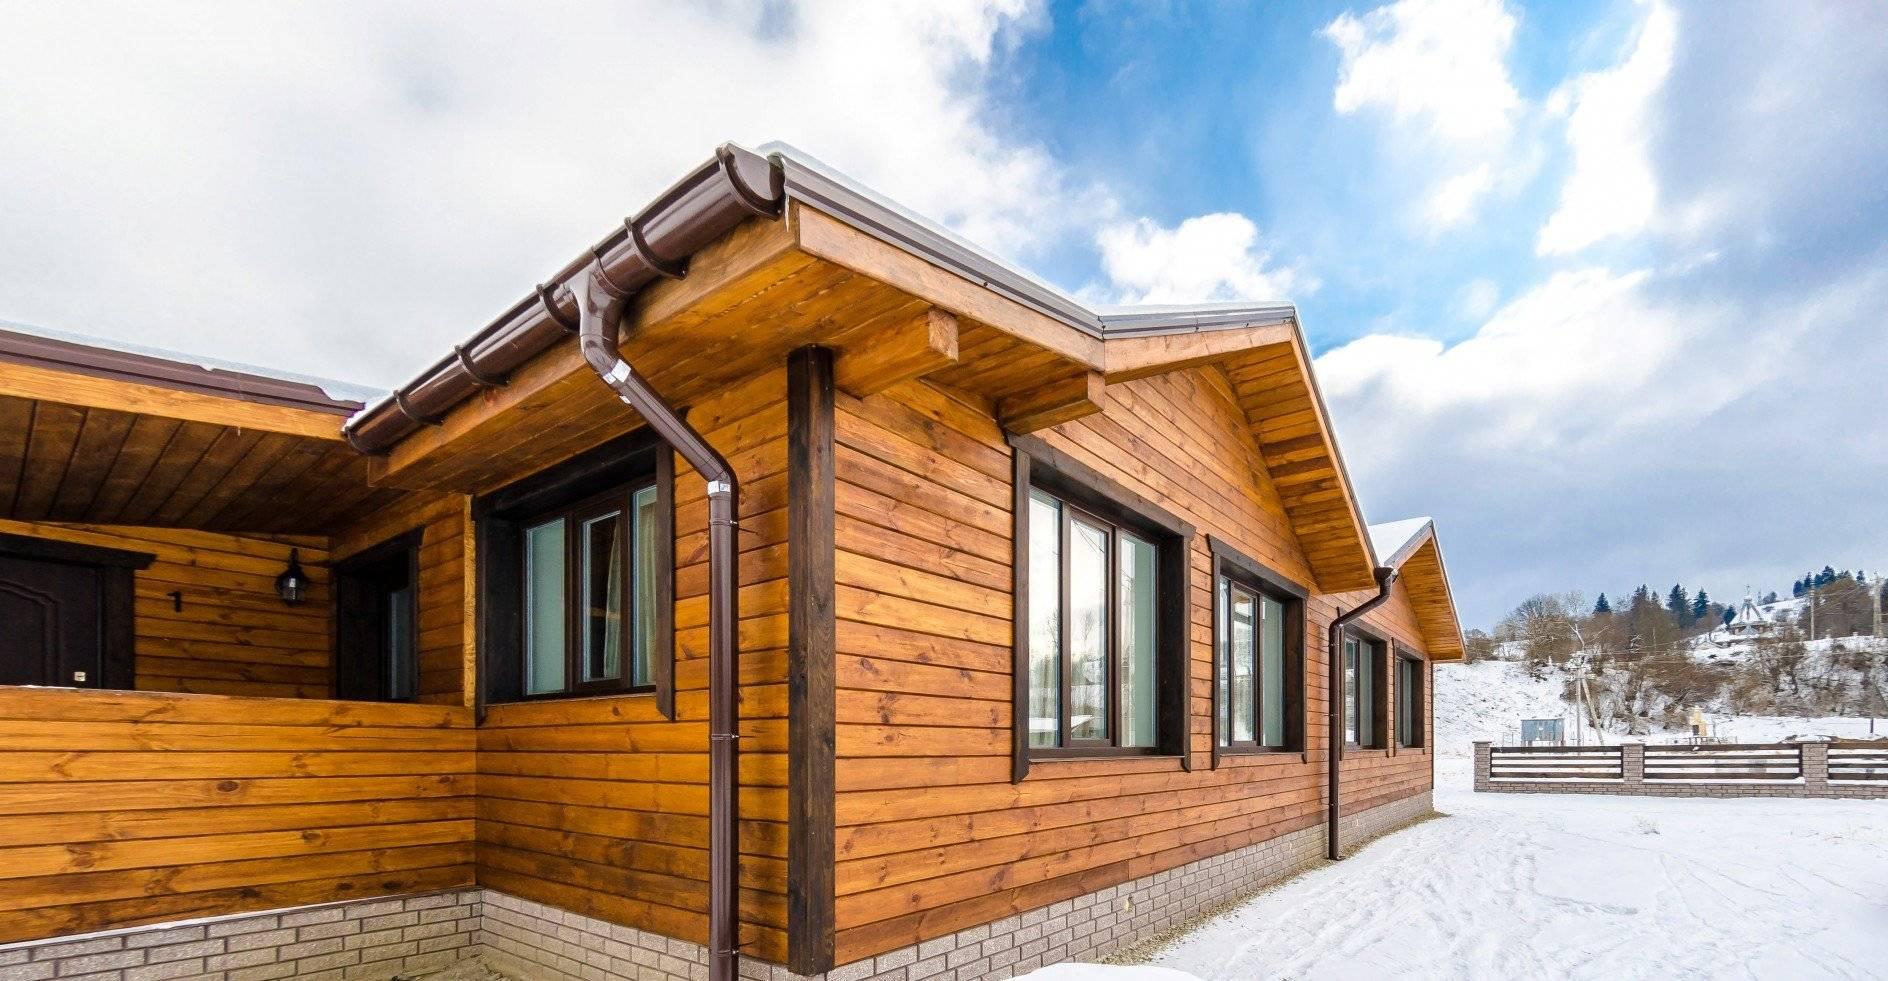 Внешняя обшивка каркасного дома: фасадная плитка, натуральный и искусственный камень, декоративная штукатурка и сайдинг